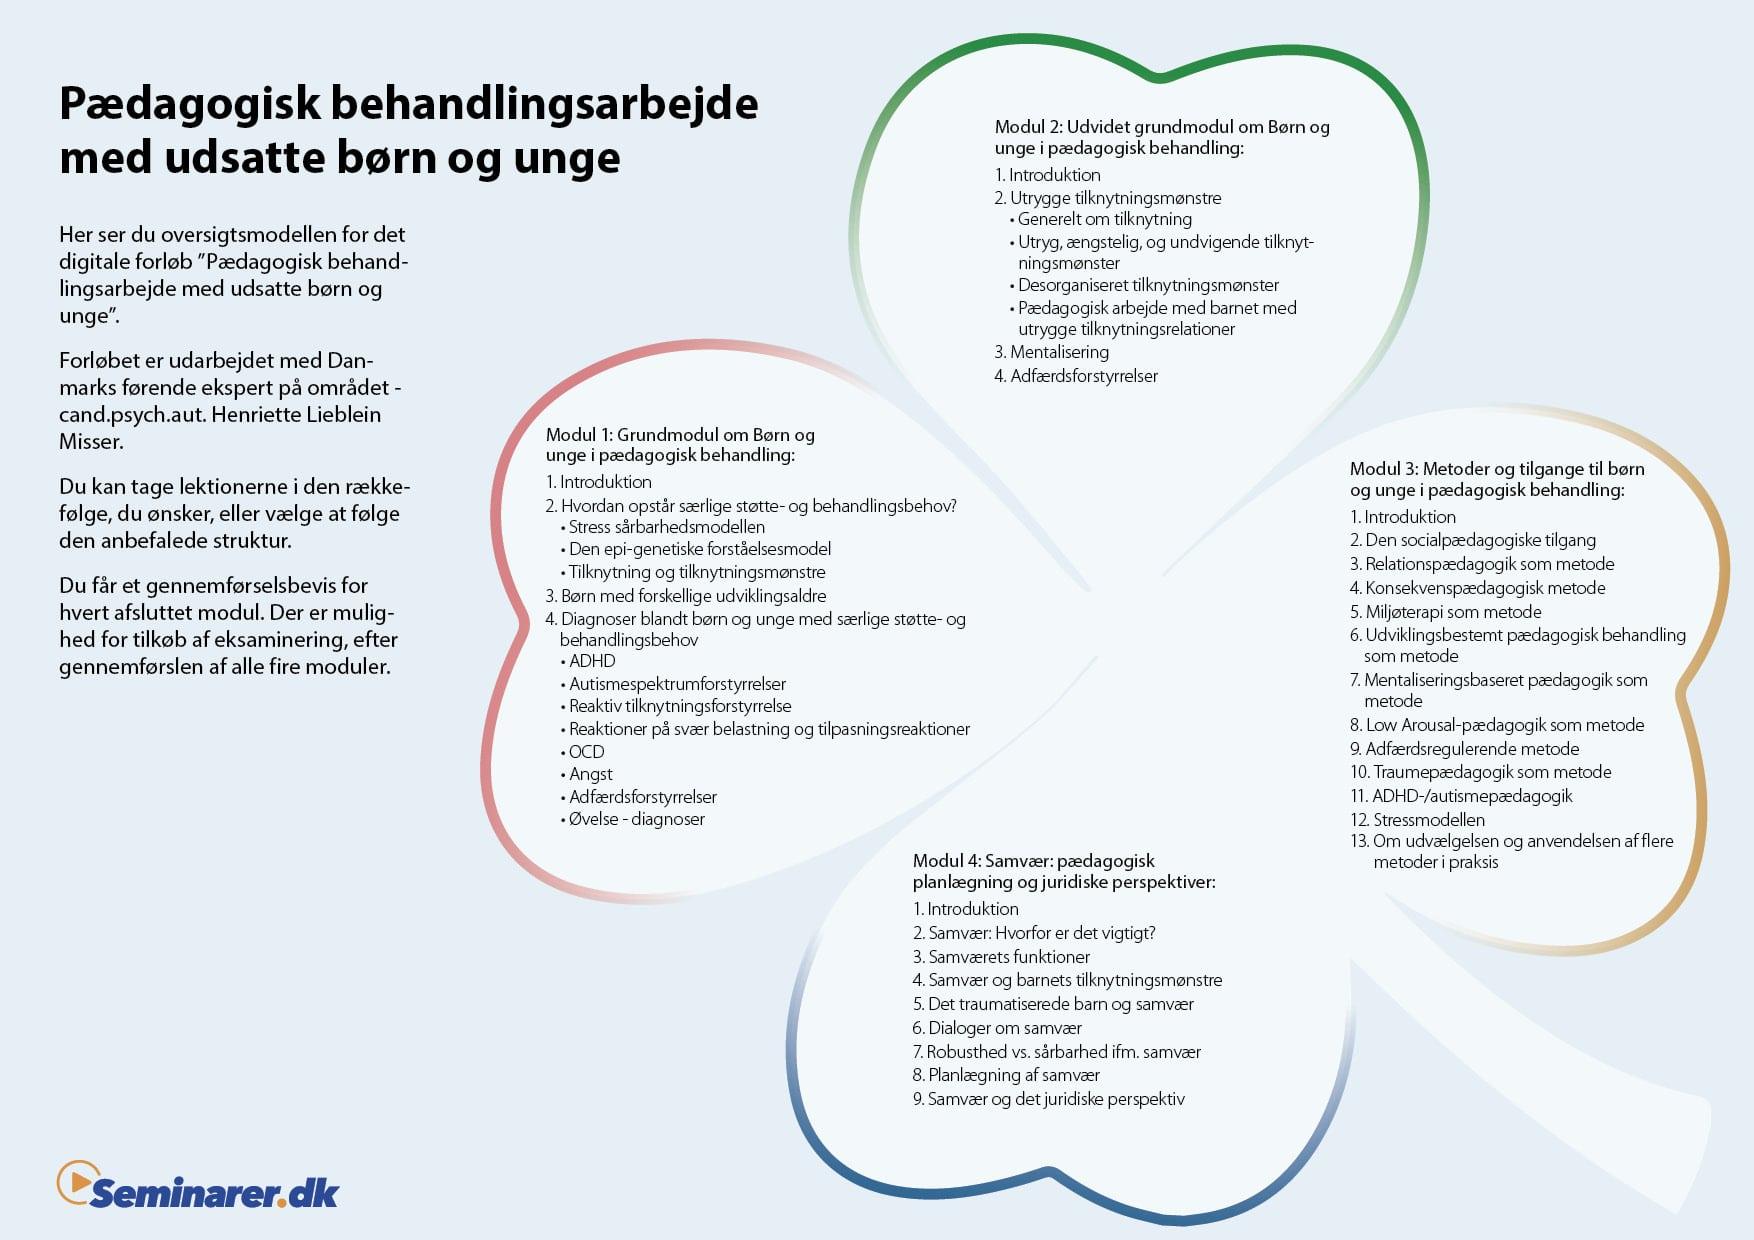 visualisering_Born-og-unge-i-paedagogik-behandling